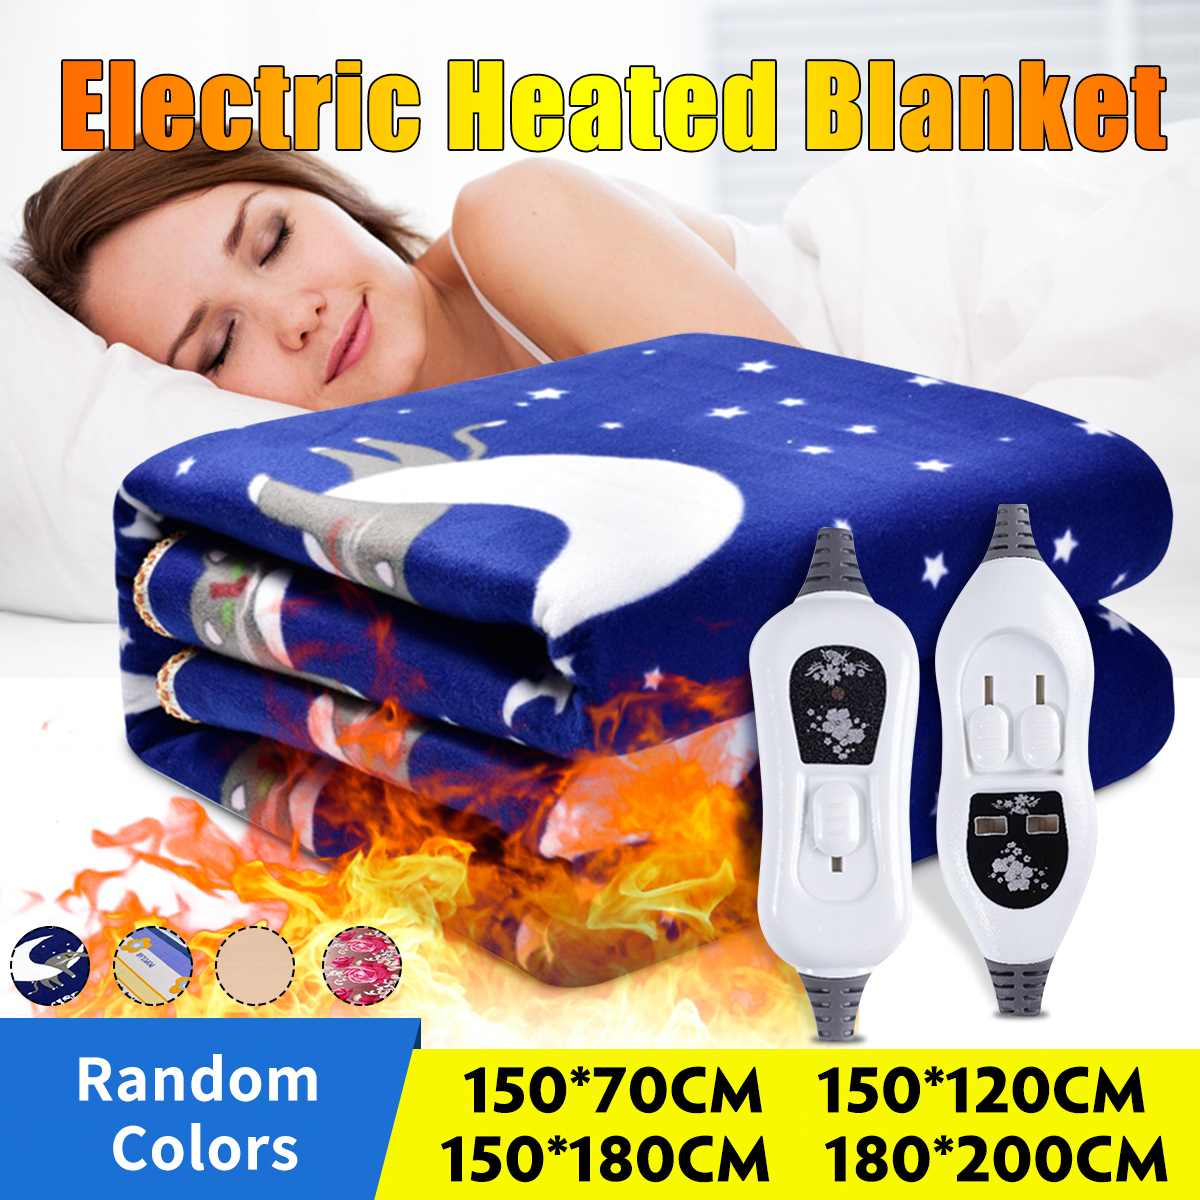 Manta eléctrica con calefacción para el cuerpo, Manta caliente de 220V, calefacción...